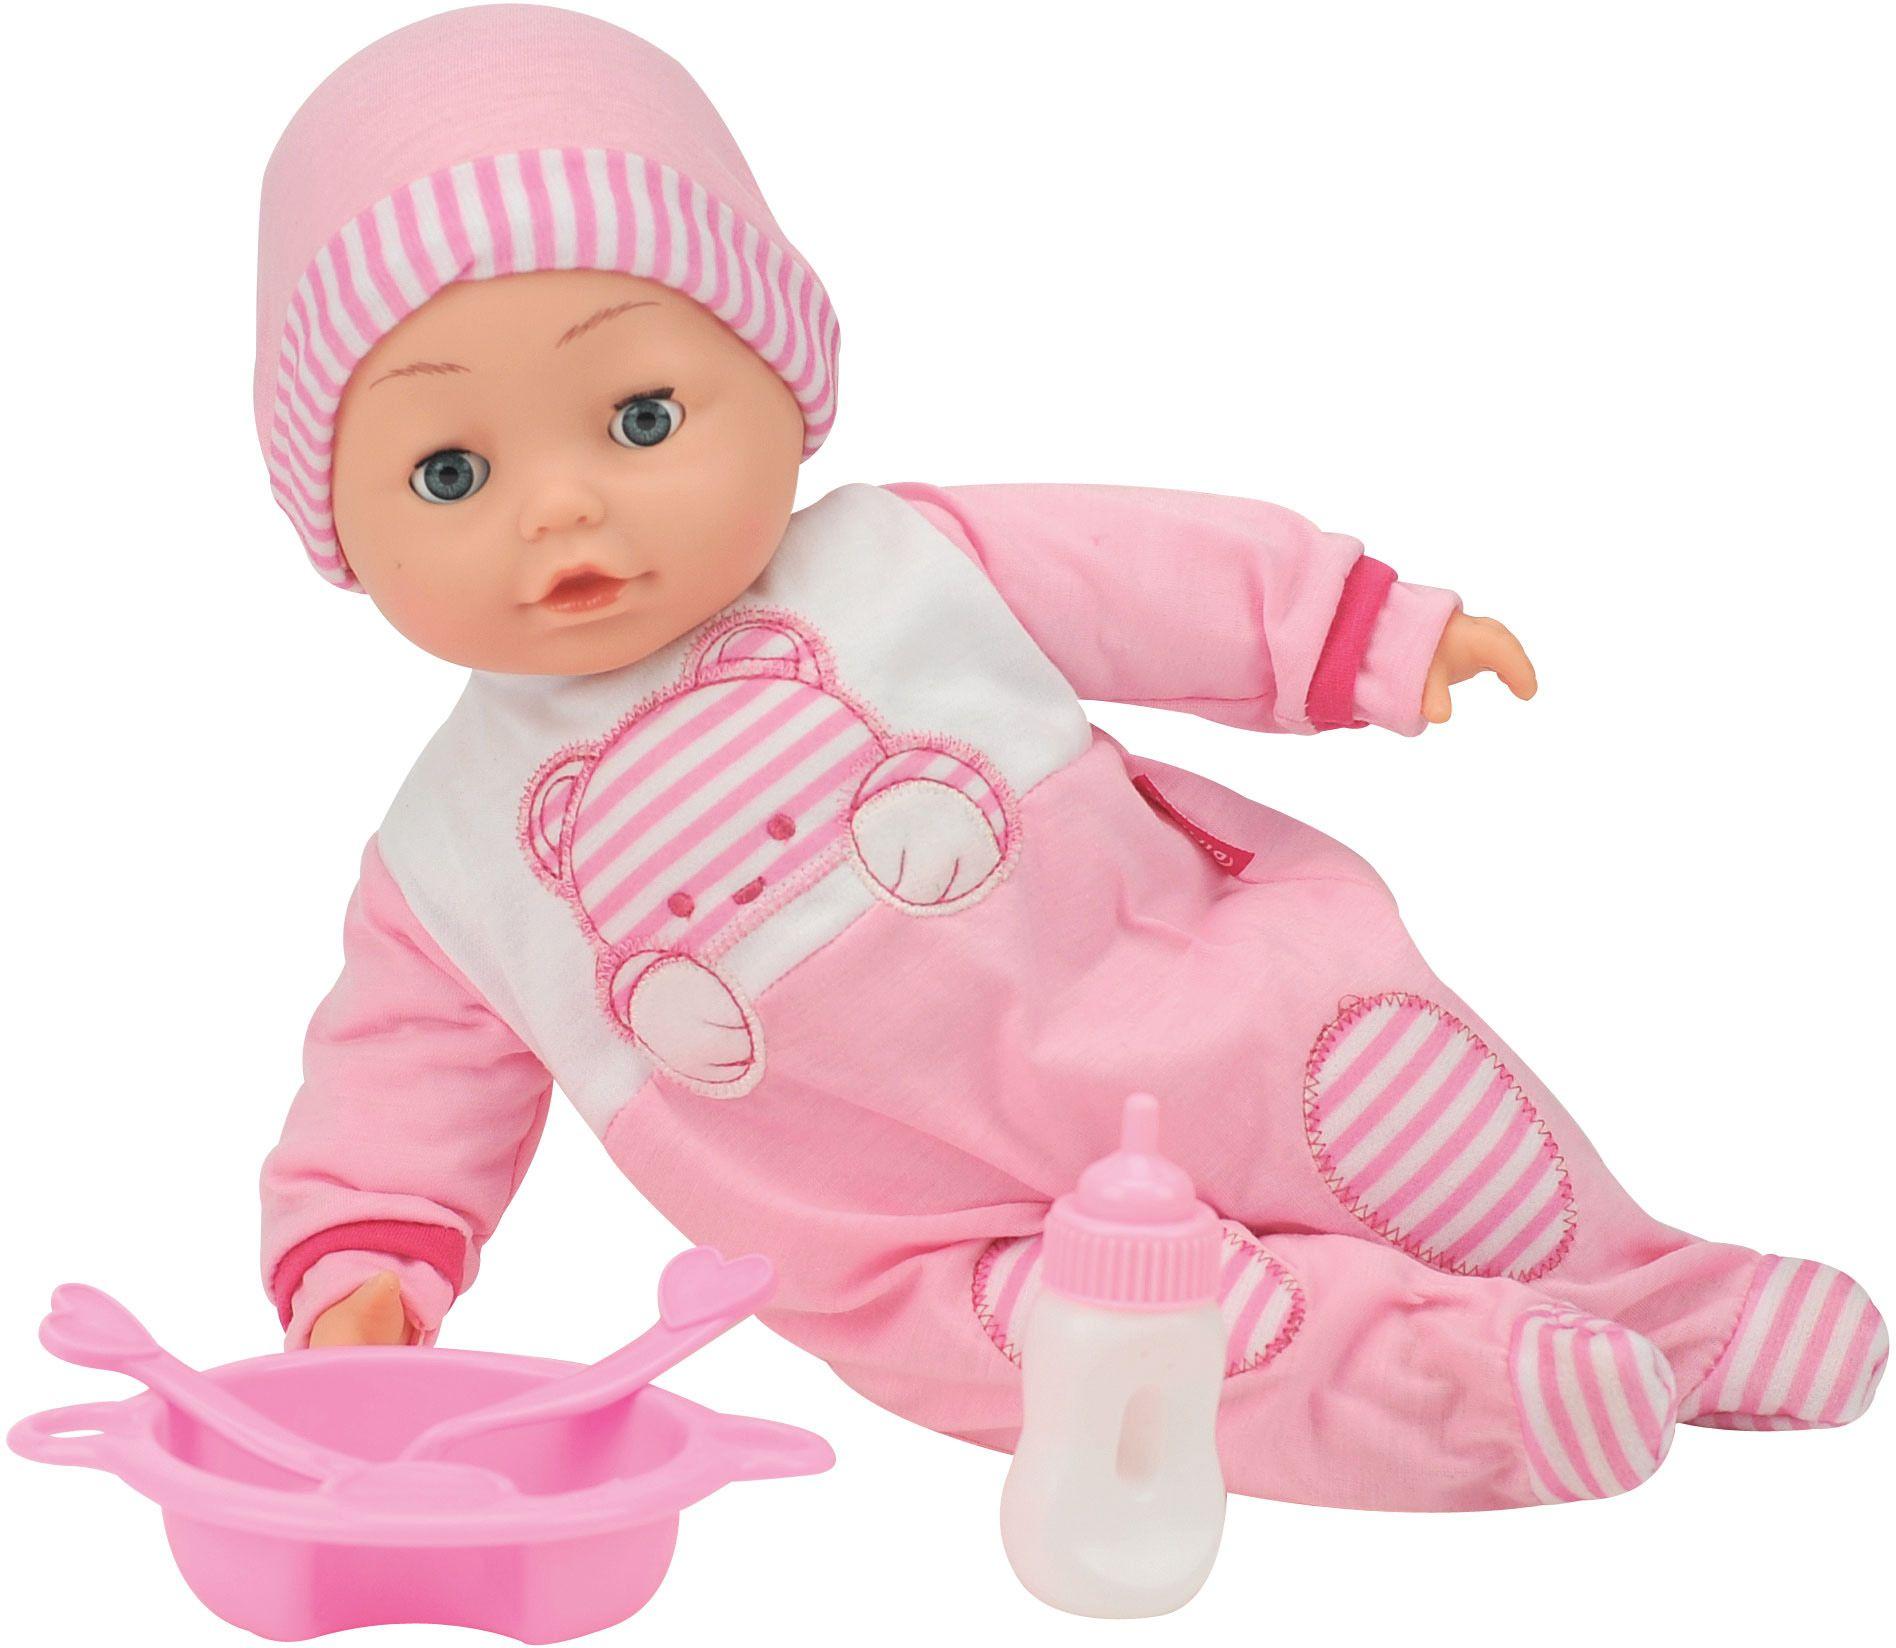 DIMIAN Dimian Babypuppe mit Sprachfunktion und Schlafaugen, »Bambolina Camelia Puppe«